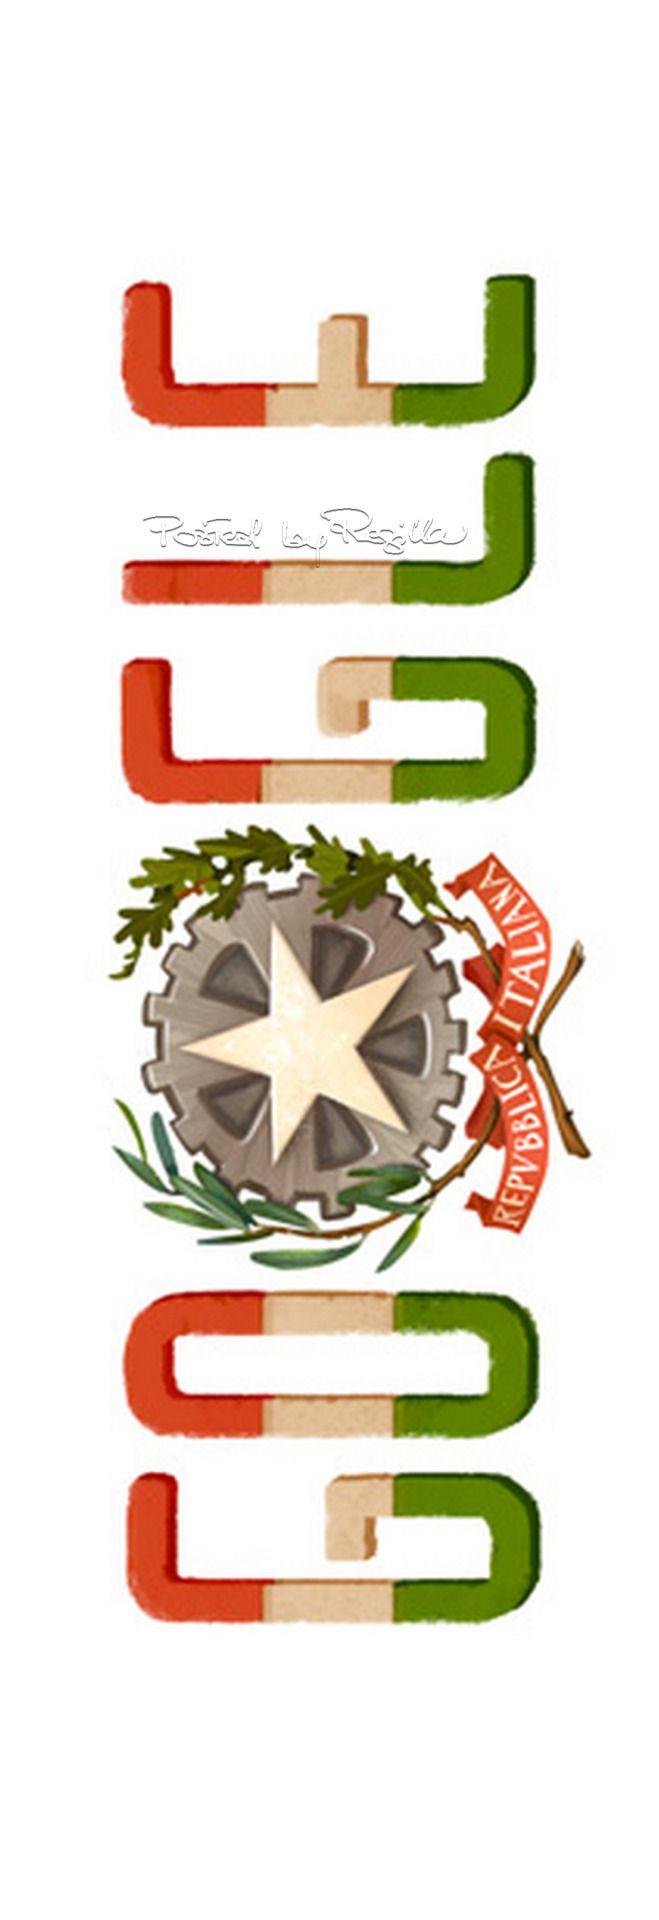 Regilla ⚜ 2 Giugno, Festa della Repubblica Italiana